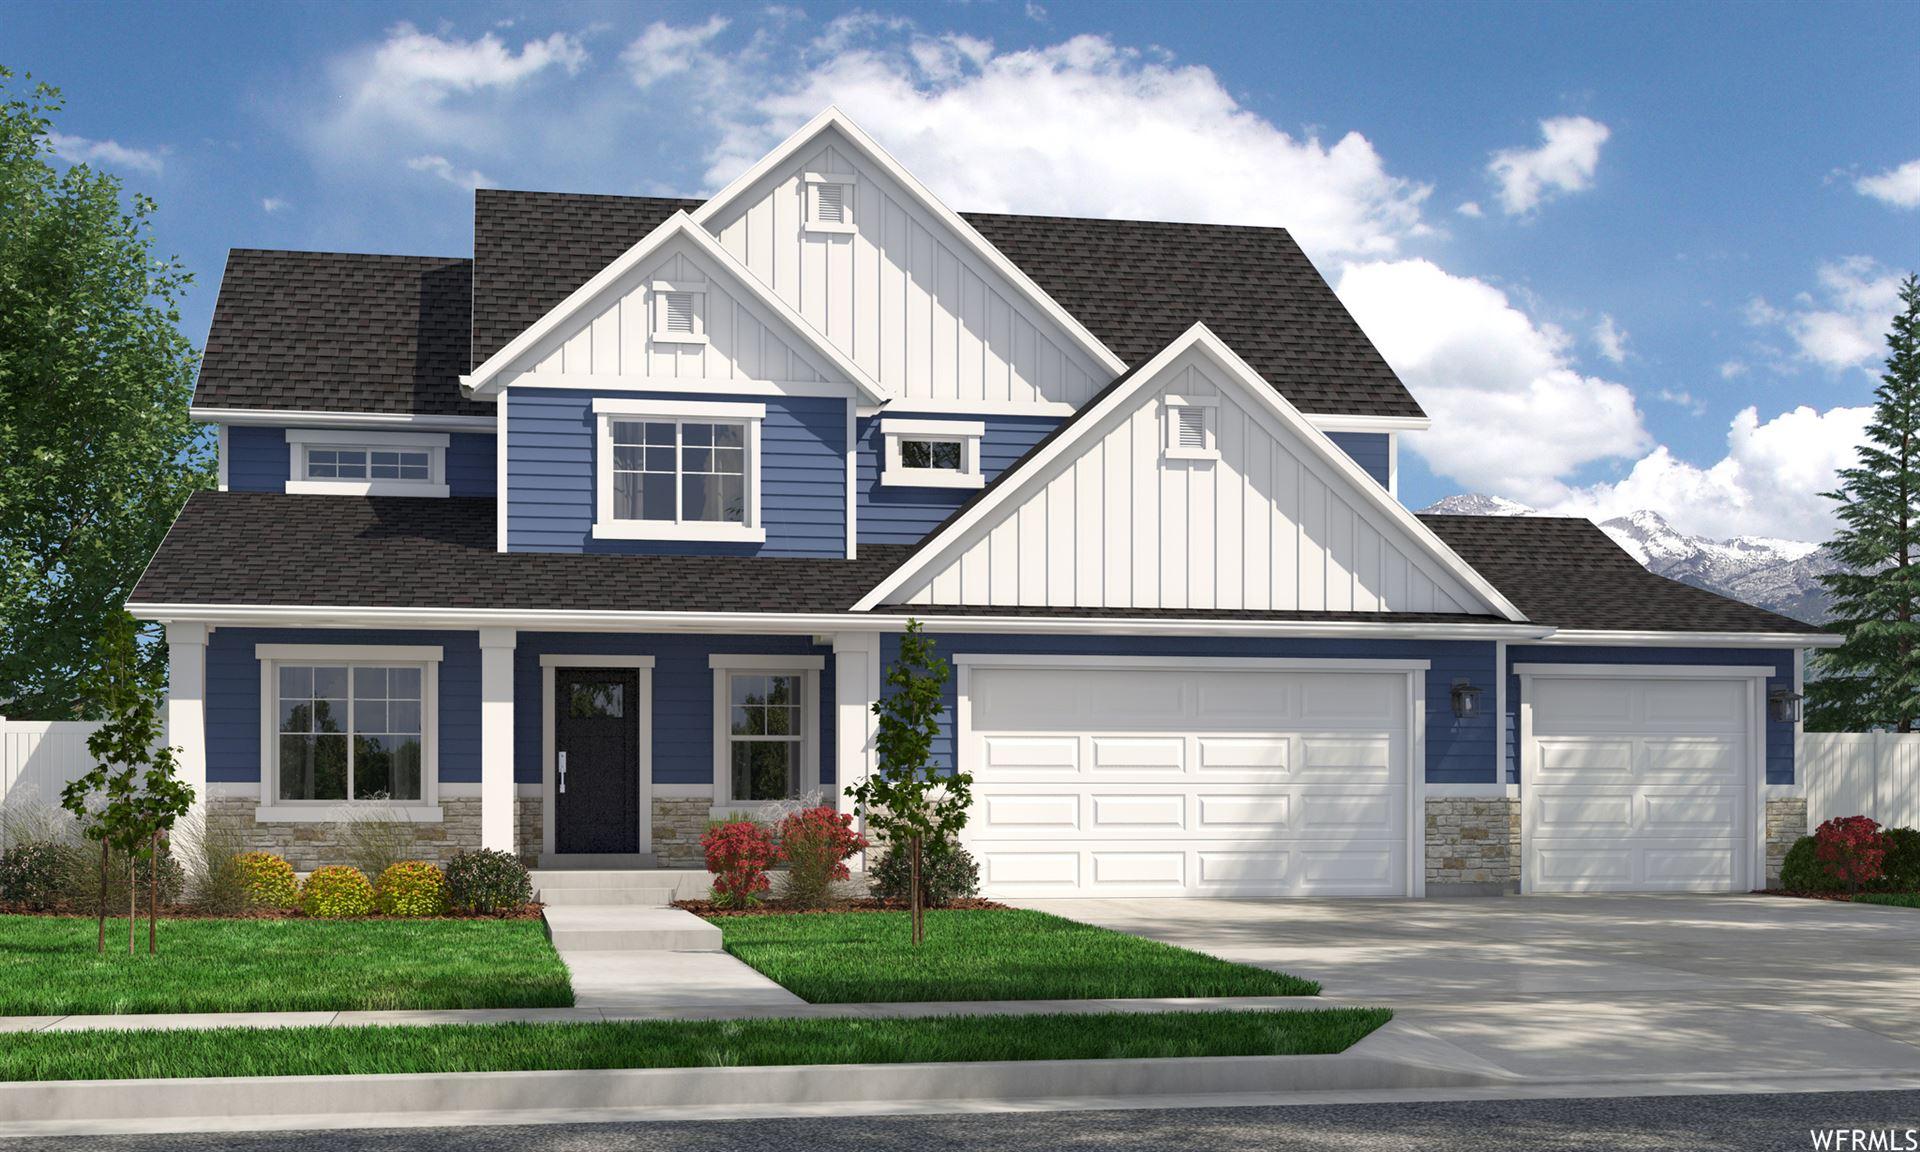 Photo of 1492 N 540 W #228, Saratoga Springs, UT 84043 (MLS # 1756670)